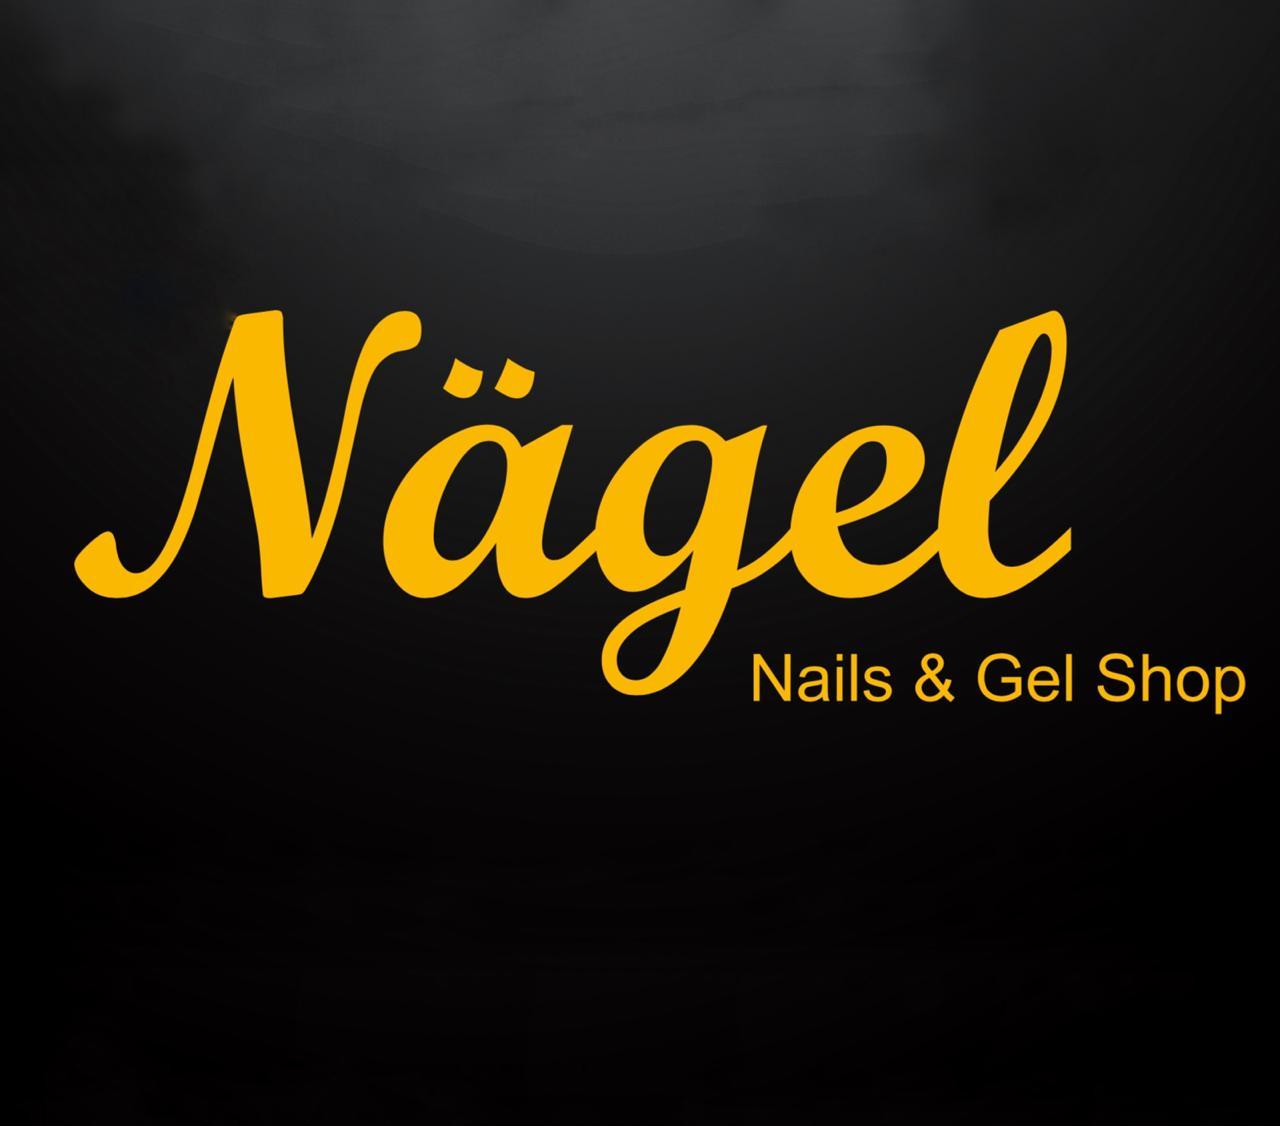 Nägel (Nails & Gel Shop)